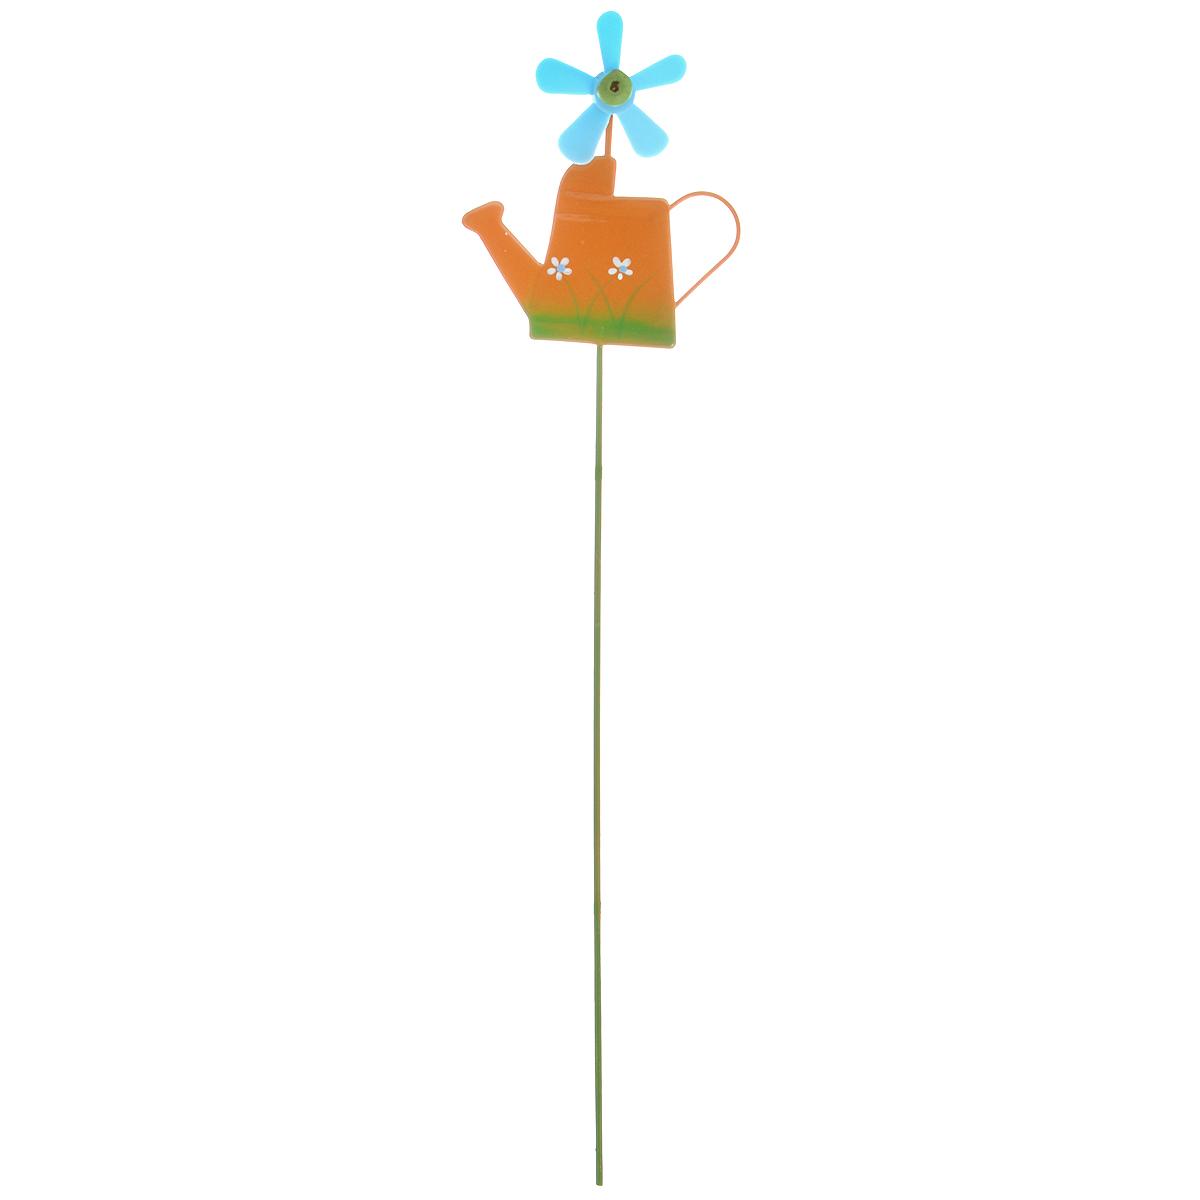 Украшение на ножке Village People Лейка с флюгером, цвет: оранжевый, высота 27 см украшение на ножке village people соломенные веселые цветы цвет зеленый 66945 1